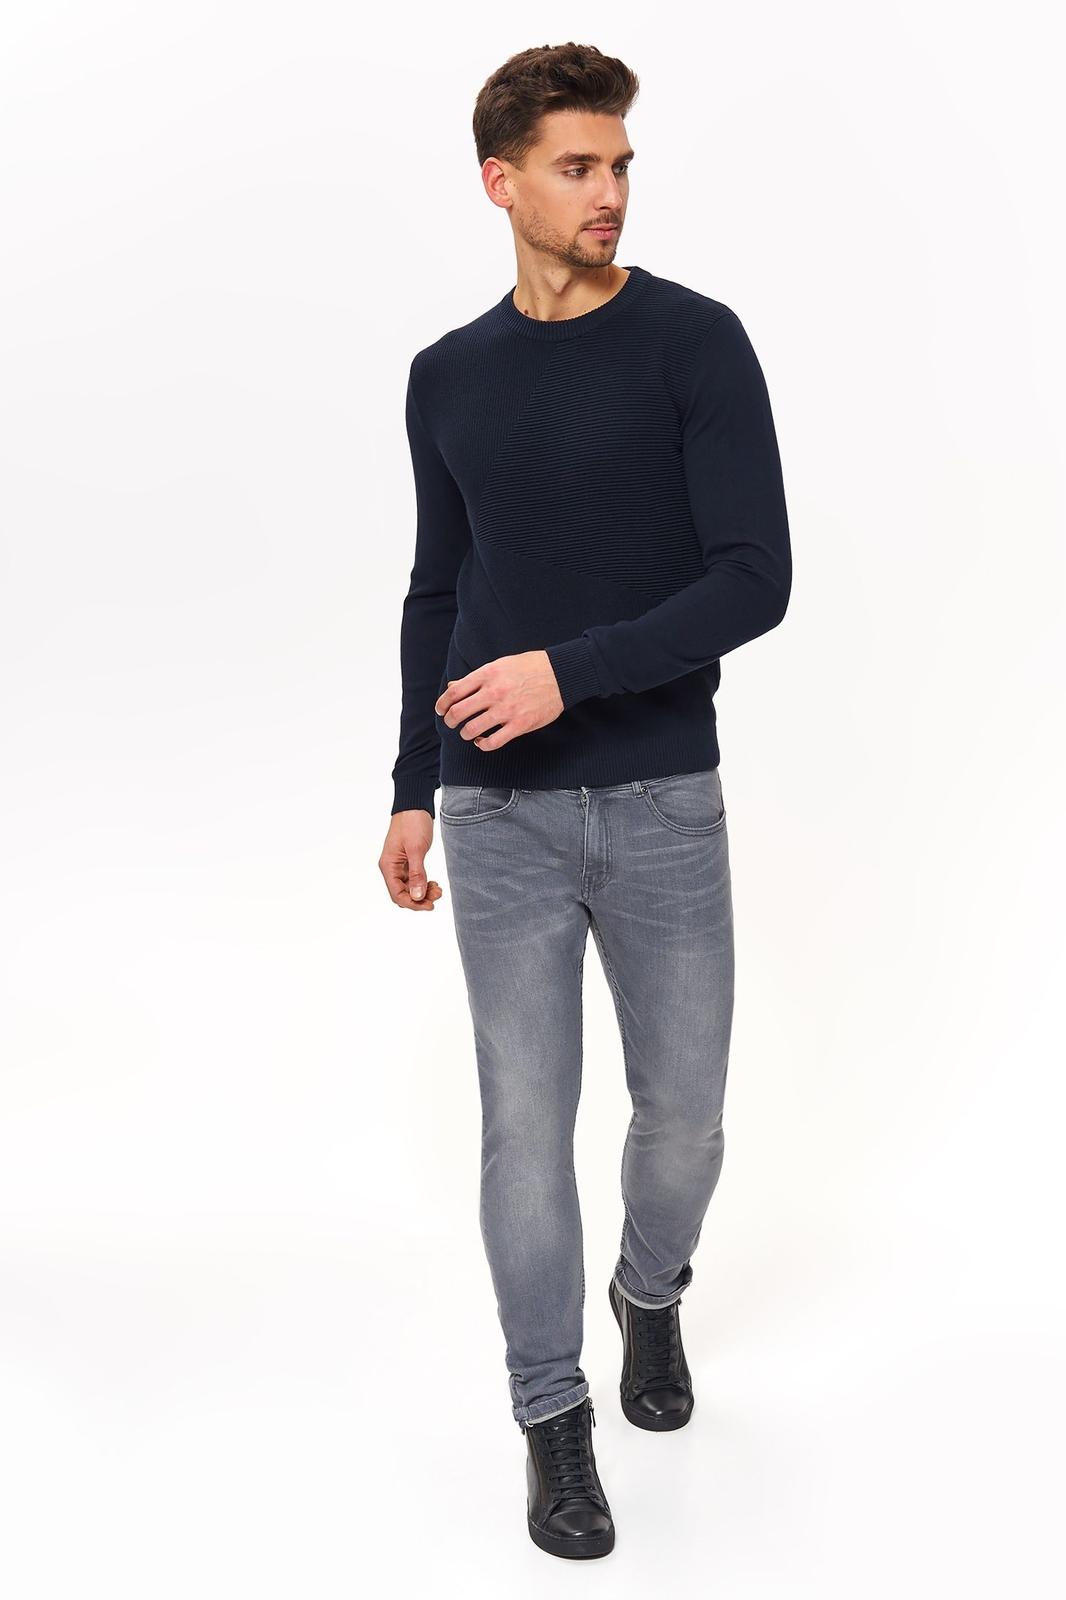 Свитер мужской Top Secret, цвет: темно-синий. SSW2591GR. Размер L (48)SSW2591GR